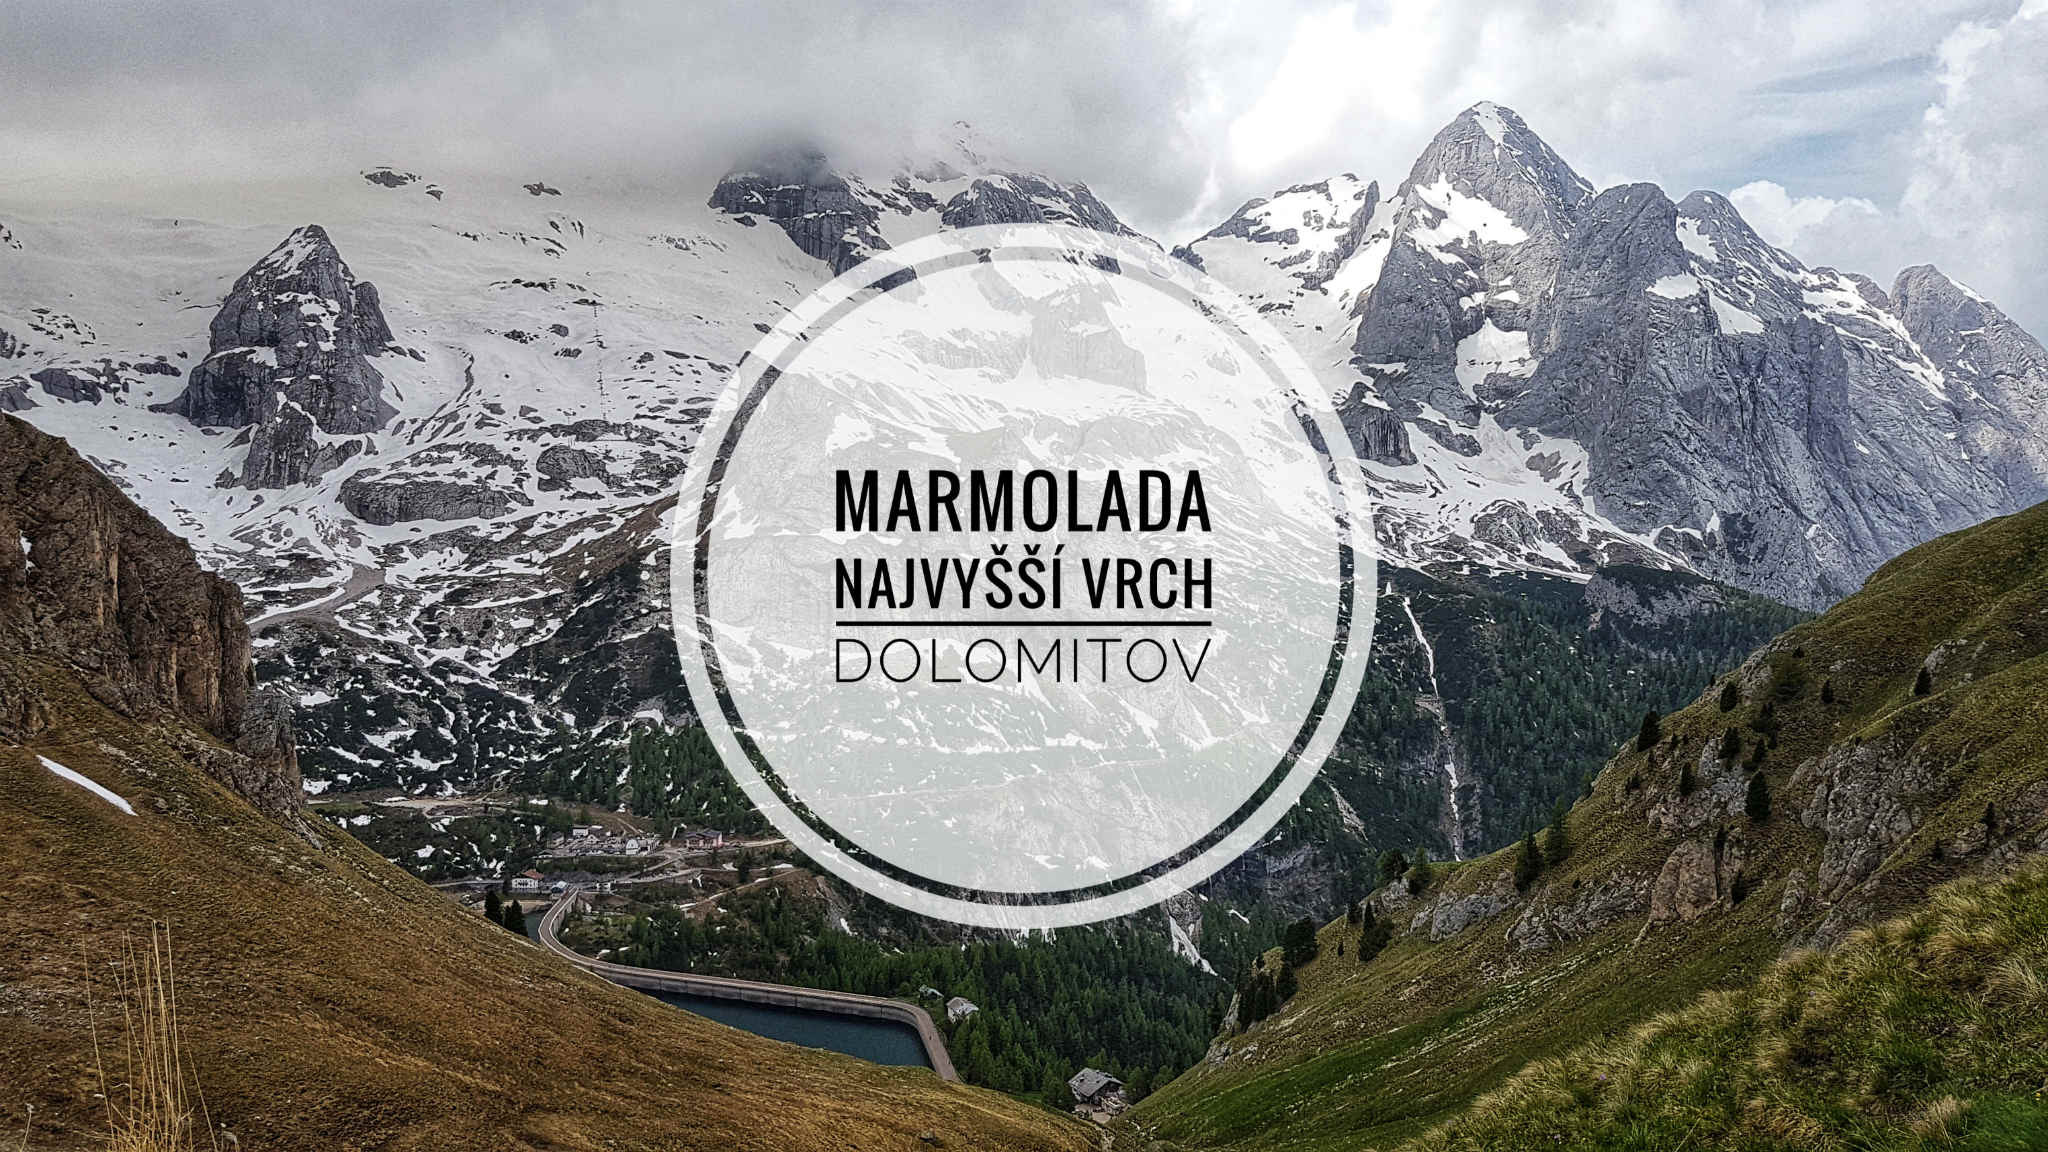 Marmolada – Najvyšší vrch Dolomitov